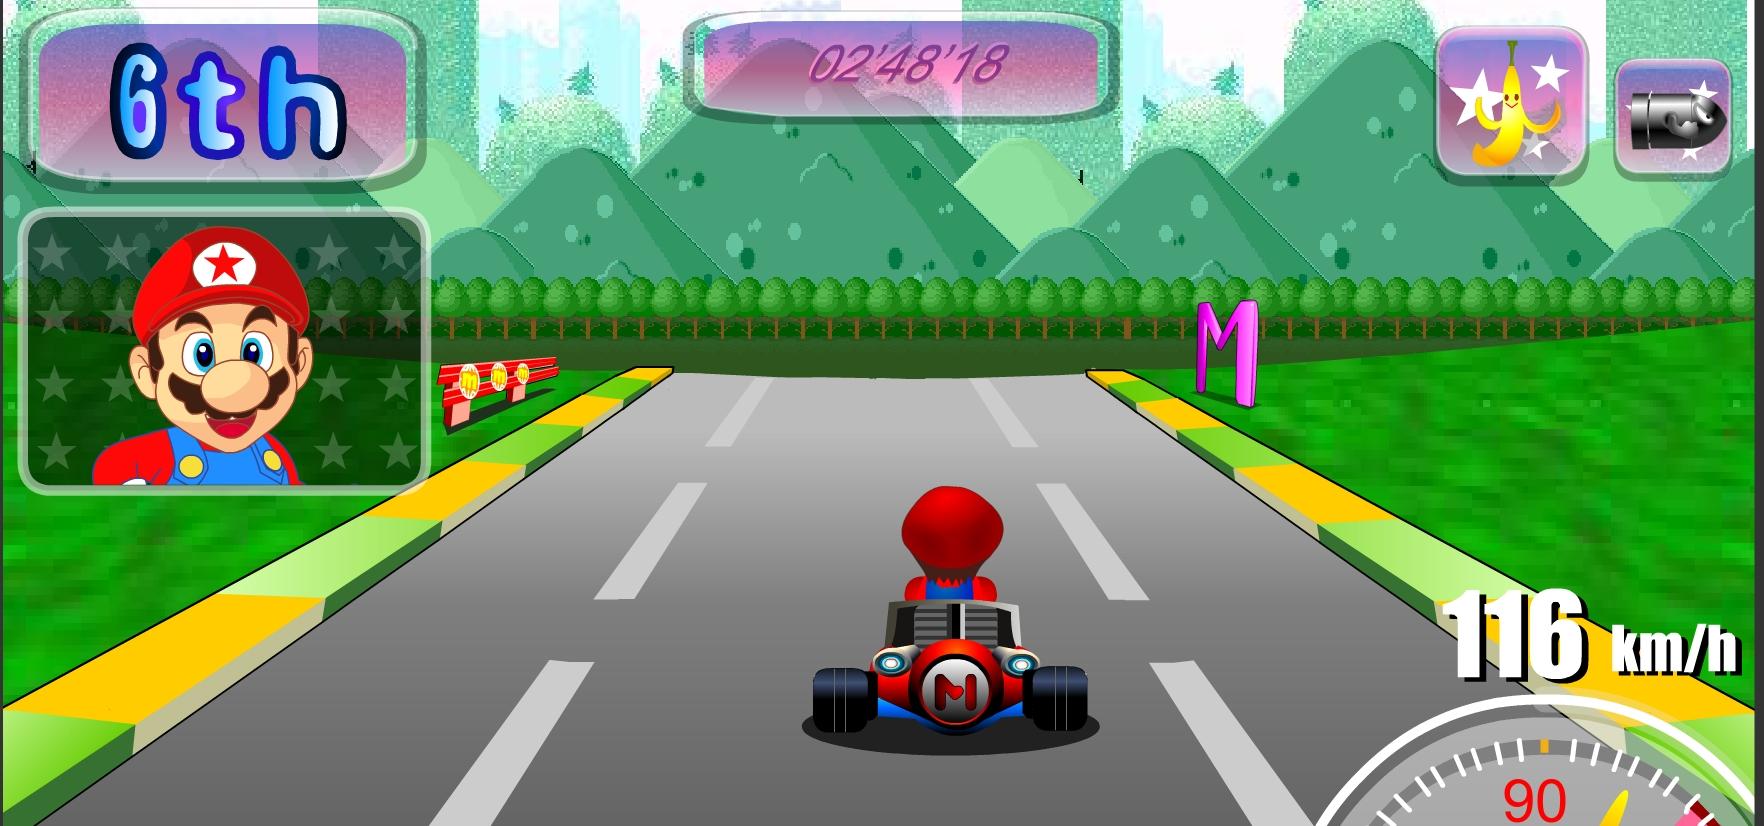 Jeux mario kart 8 gratuit en ligne - Mario kart 7 gratuit ...